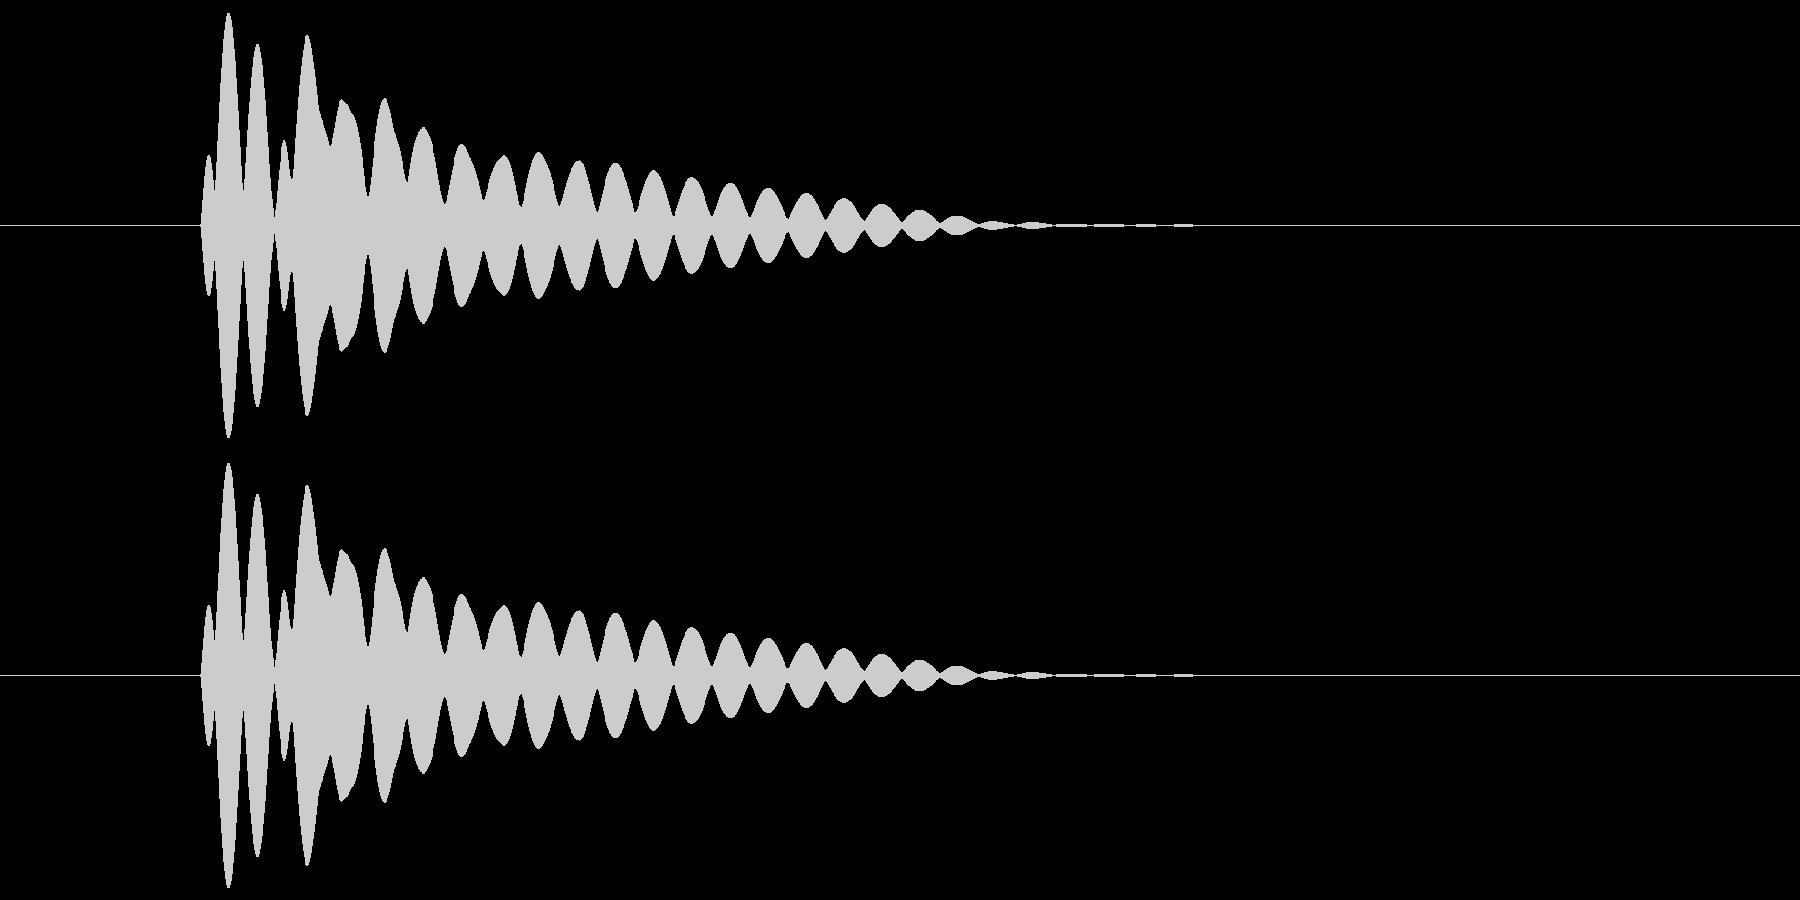 ピコーン(透明感と余韻のある音) 01の未再生の波形